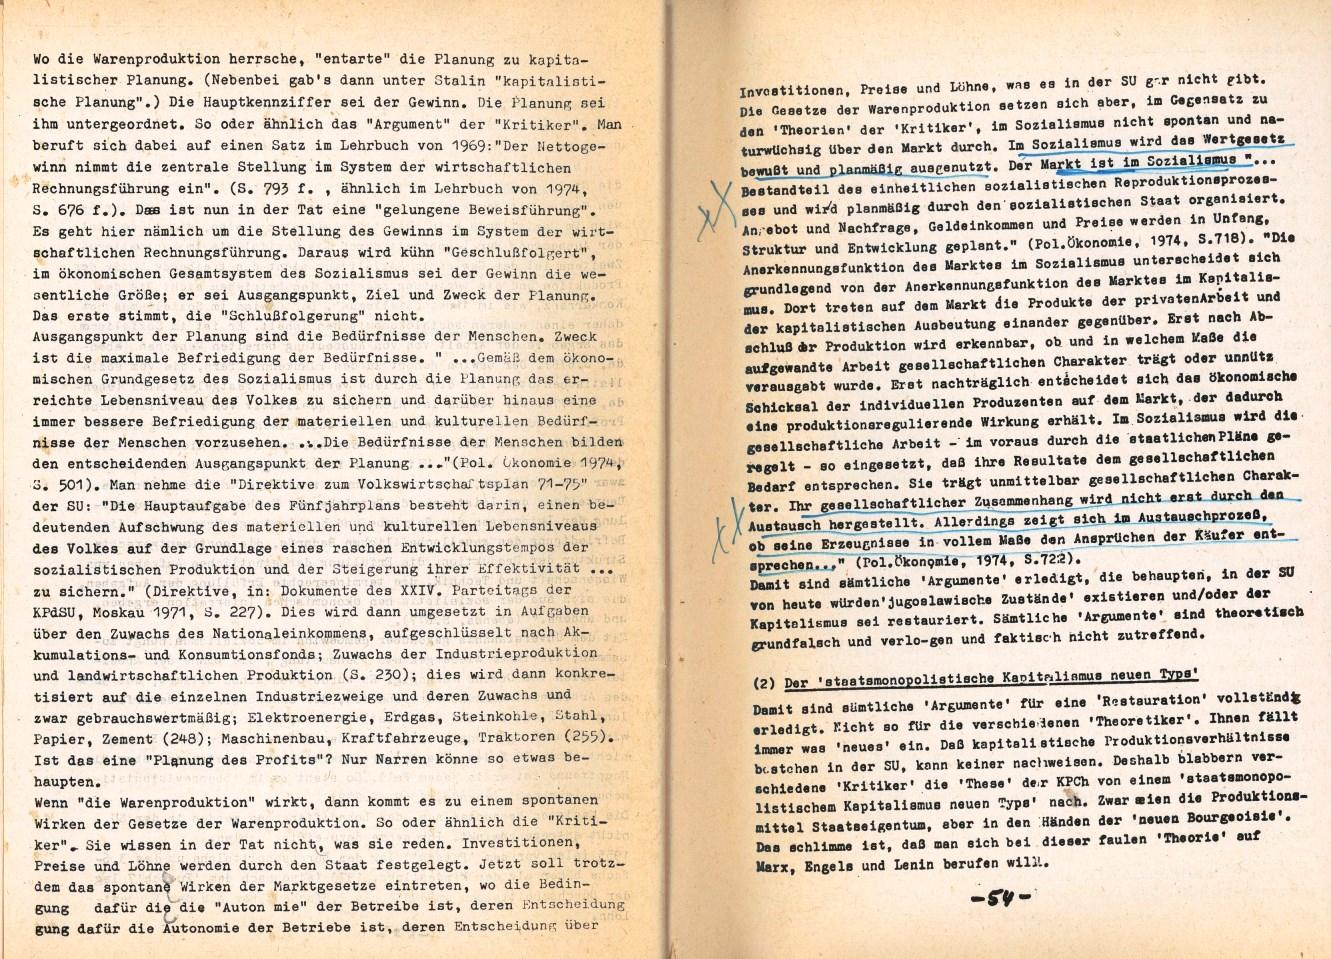 Giessen_MSB_1976_Der_KBW_eine_rechte_Organisation_29